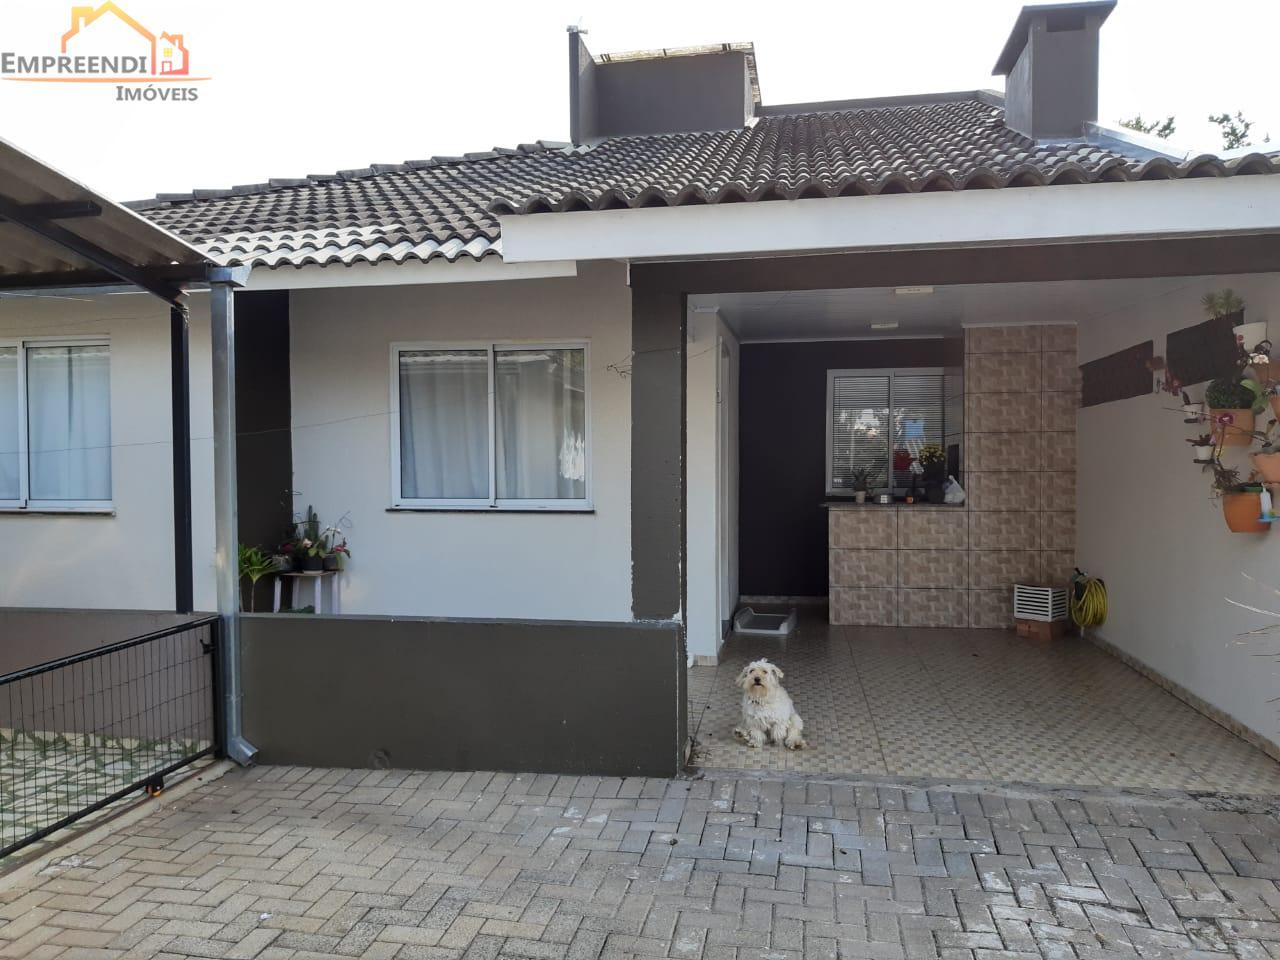 Casa com 2 dormitórios à venda, FRARON, PATO BRANCO - PR